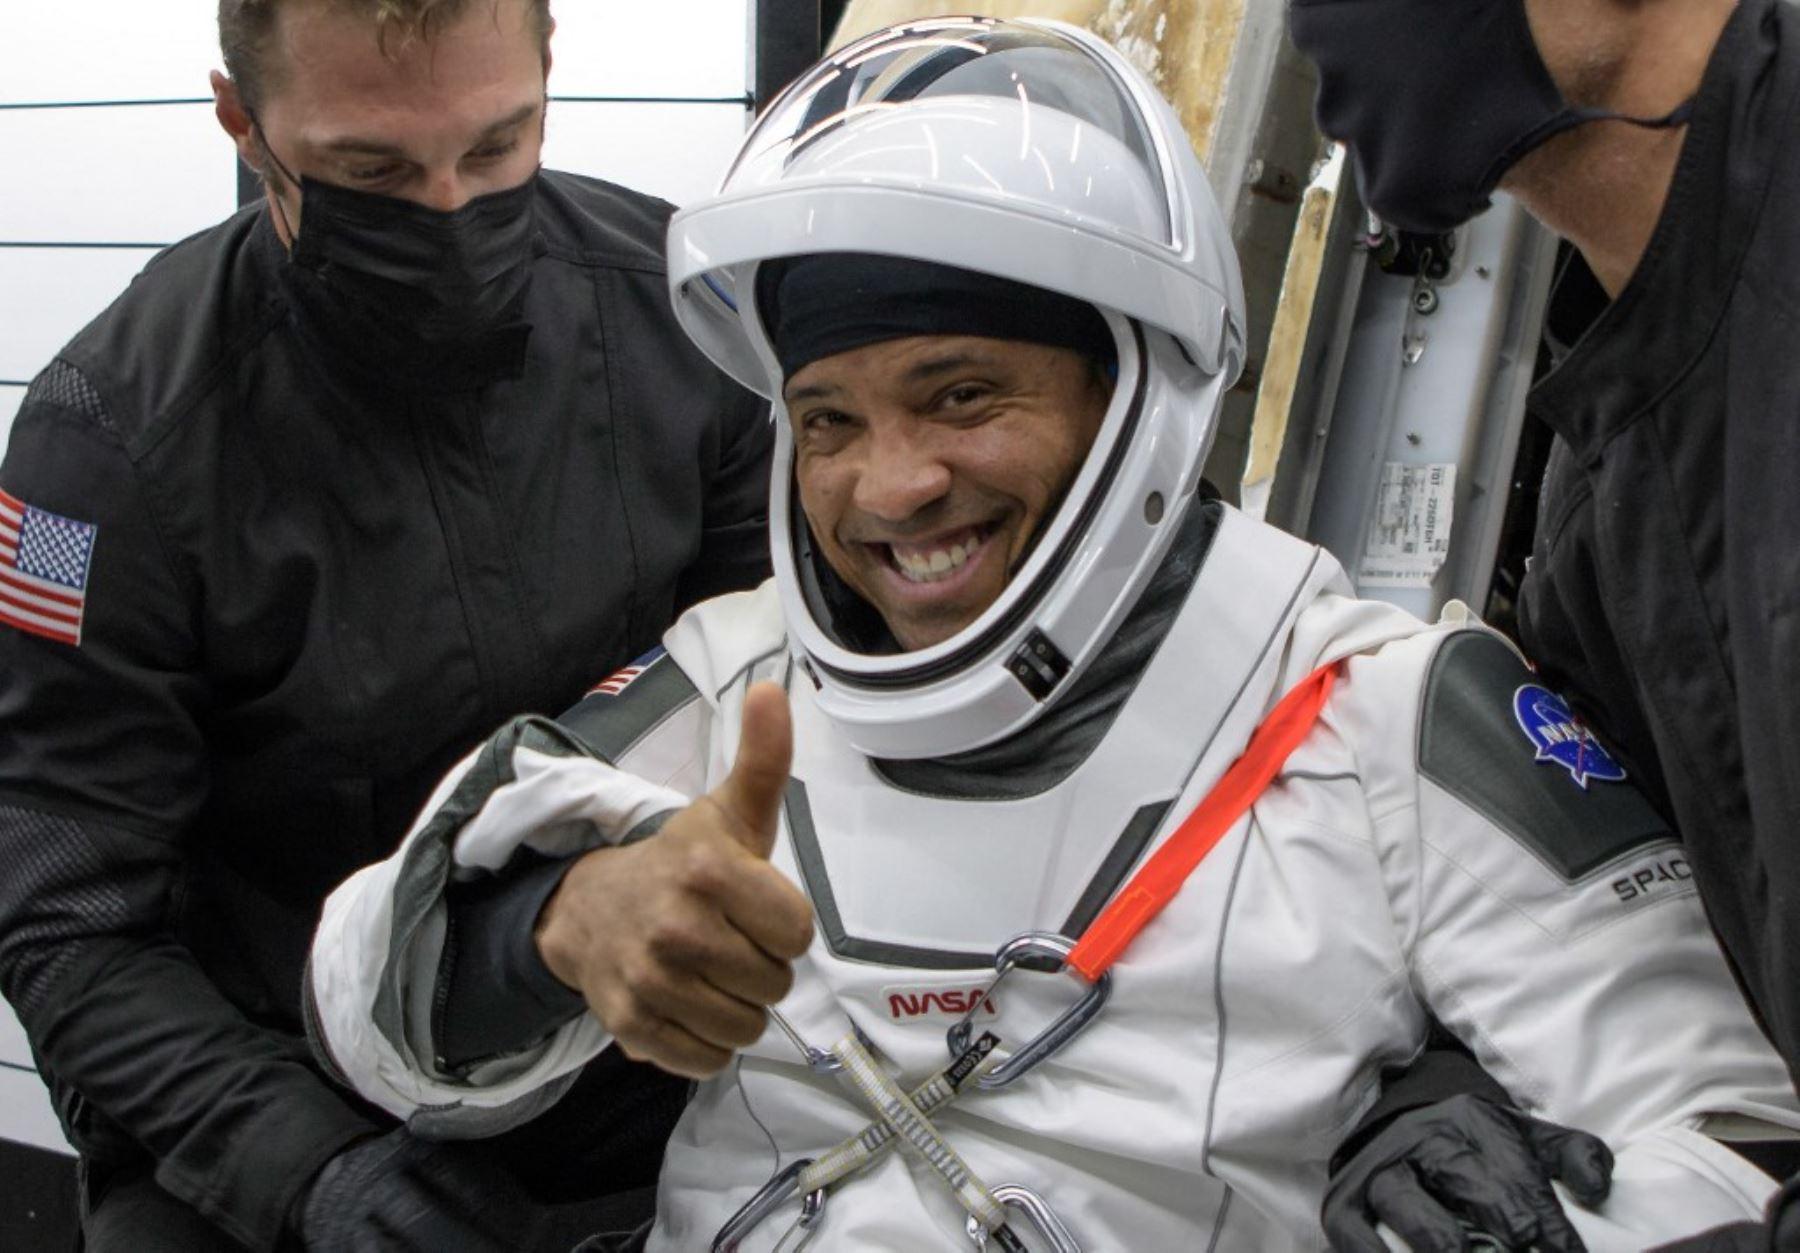 El astronauta de la NASA,Victor Glover siendo ayudado a salir de la nave espacial SpaceX Crew Dragon Resilience a bordo del SpaceX GO Navigator. Foto: NASA